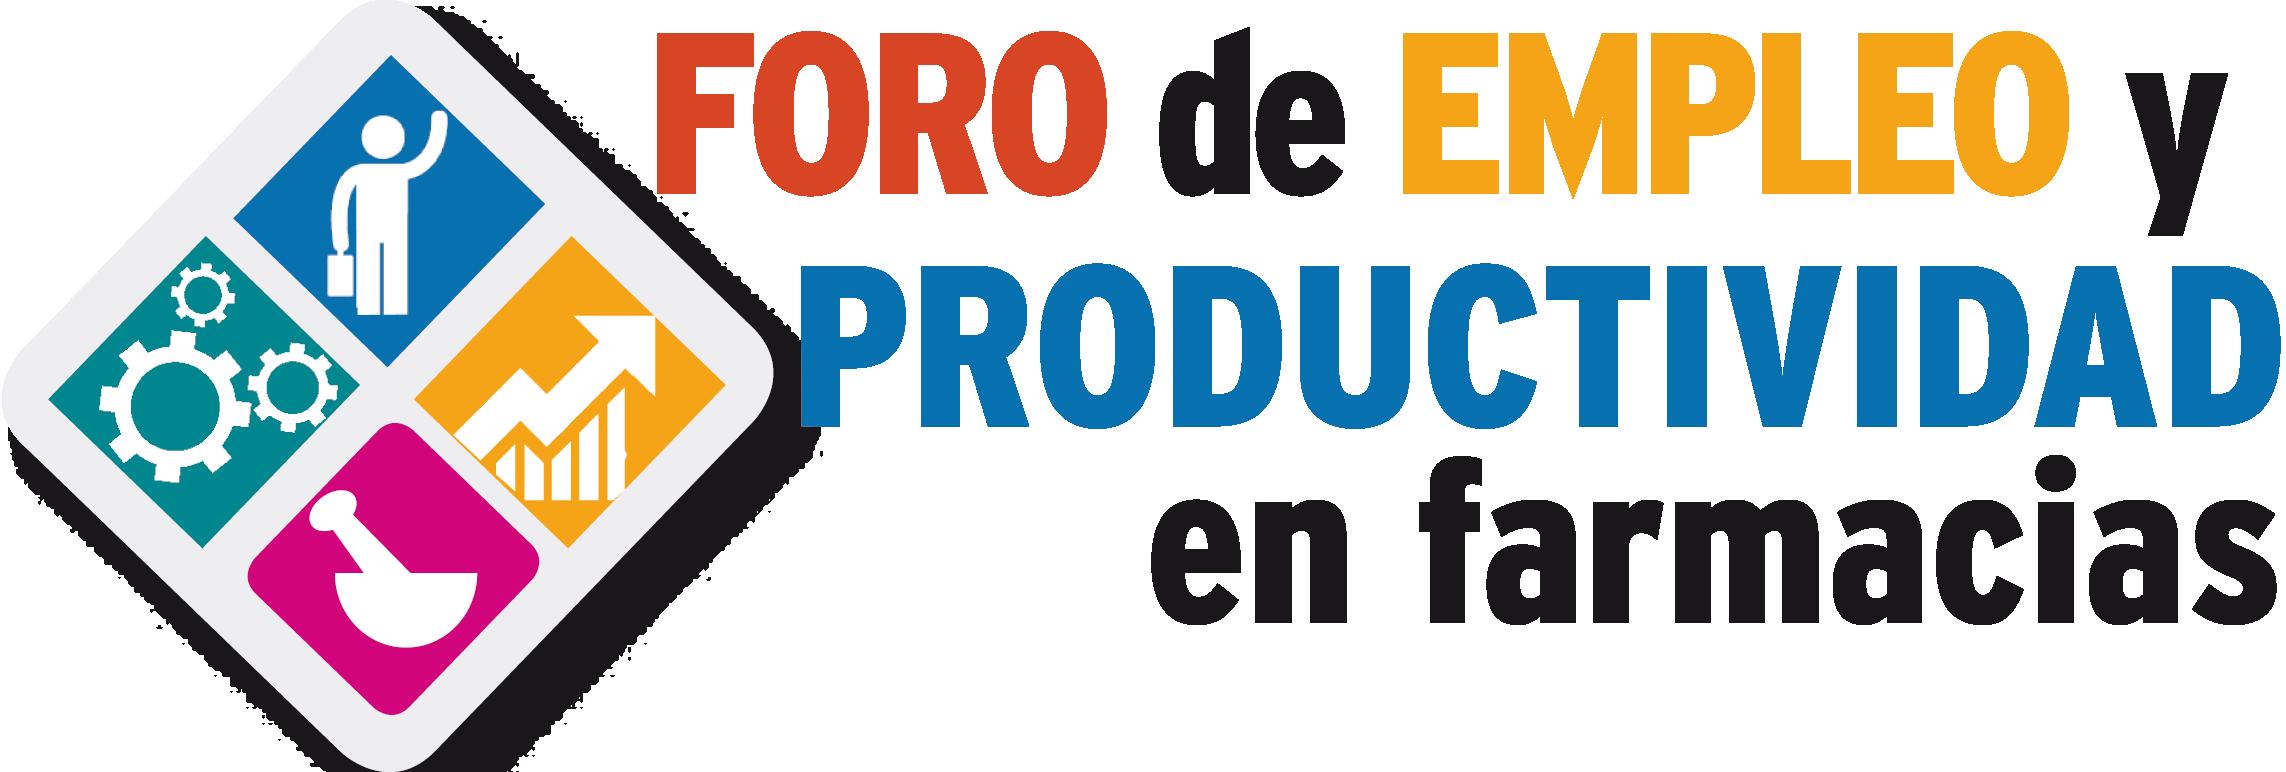 Pleca-Foro-de-Empleo-y-Productividad-en-Farmacias